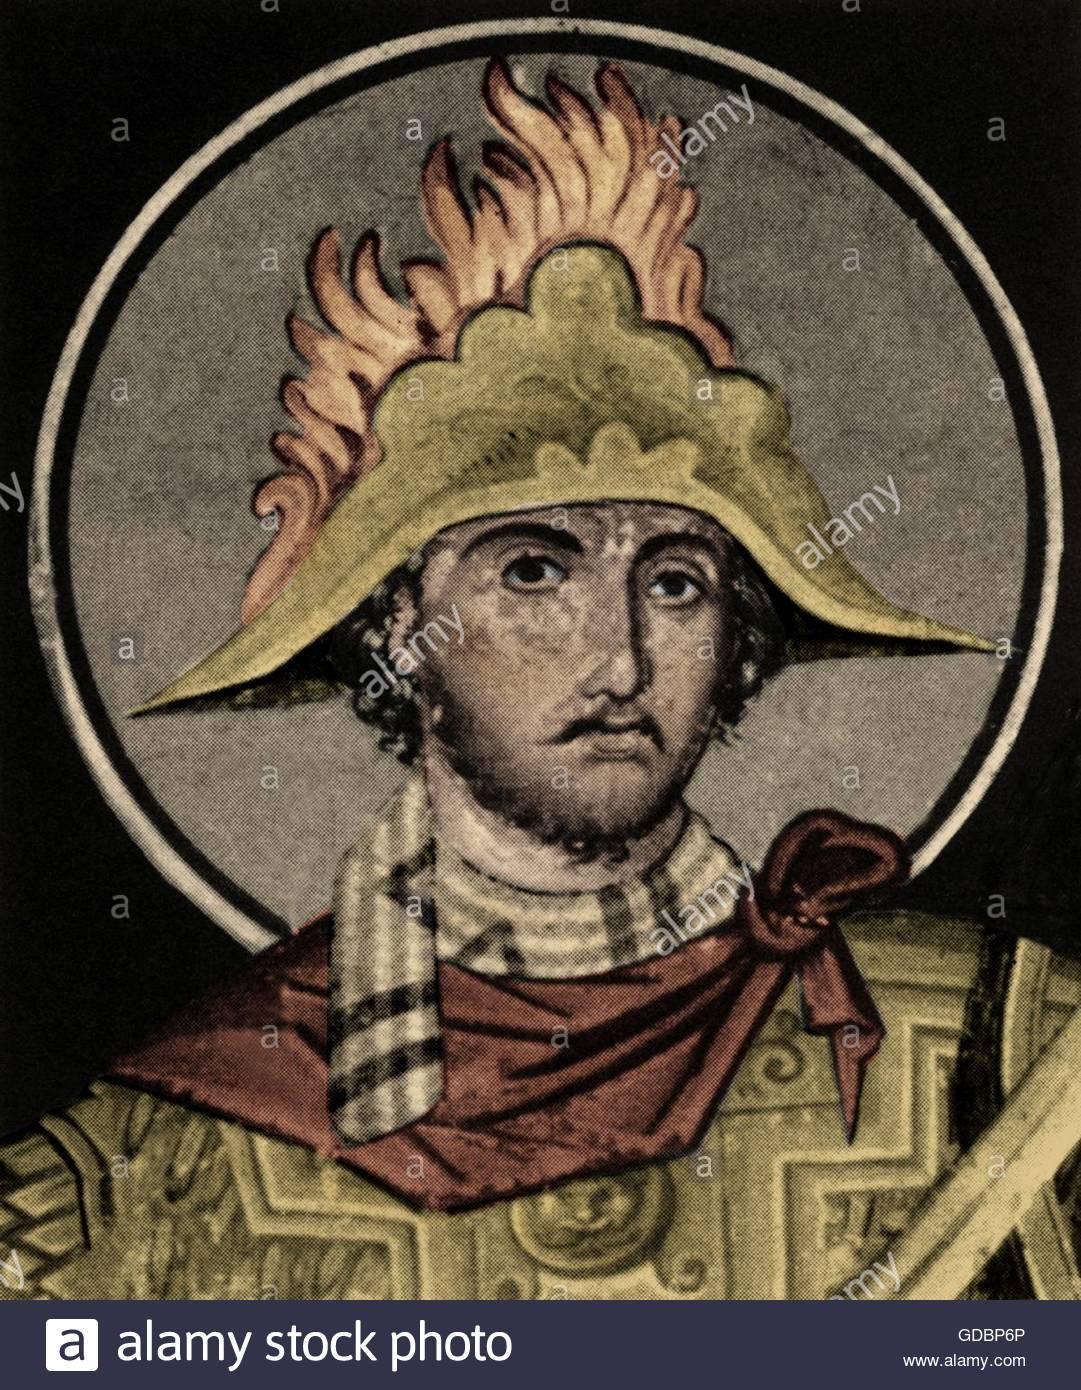 Roger de Flor, 1267 - 4.4.1306, corsaire allemand et chef de mercenaires, portrait, après fresque Byzantine, Photo Stock